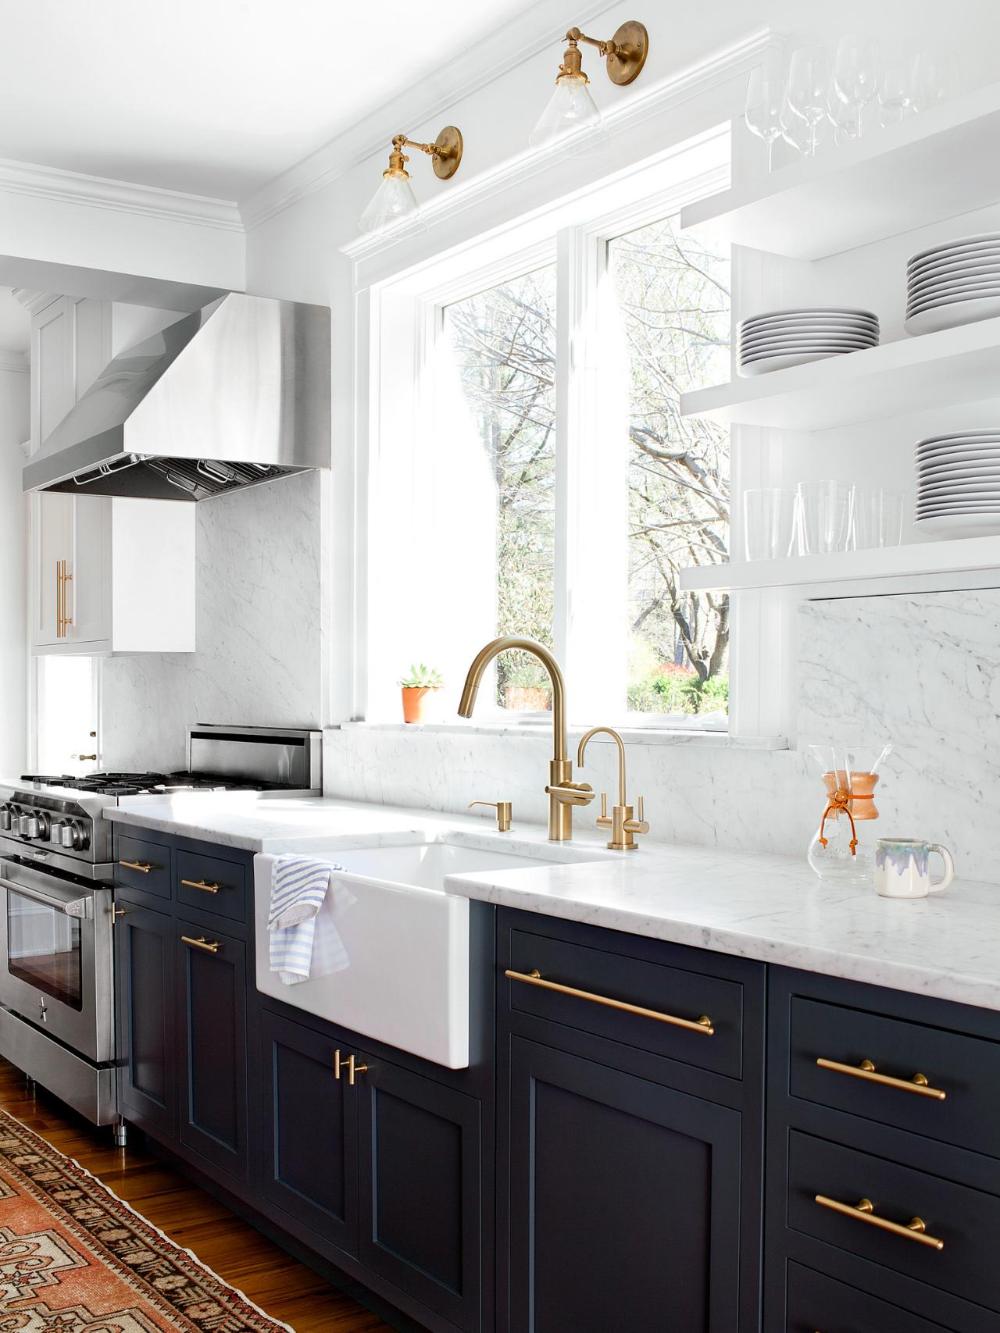 Brass Kitchen Hardware Google Search Kitchen Cabinet Design Lowes Kitchen Cabinets Best Kitchen Cabinets